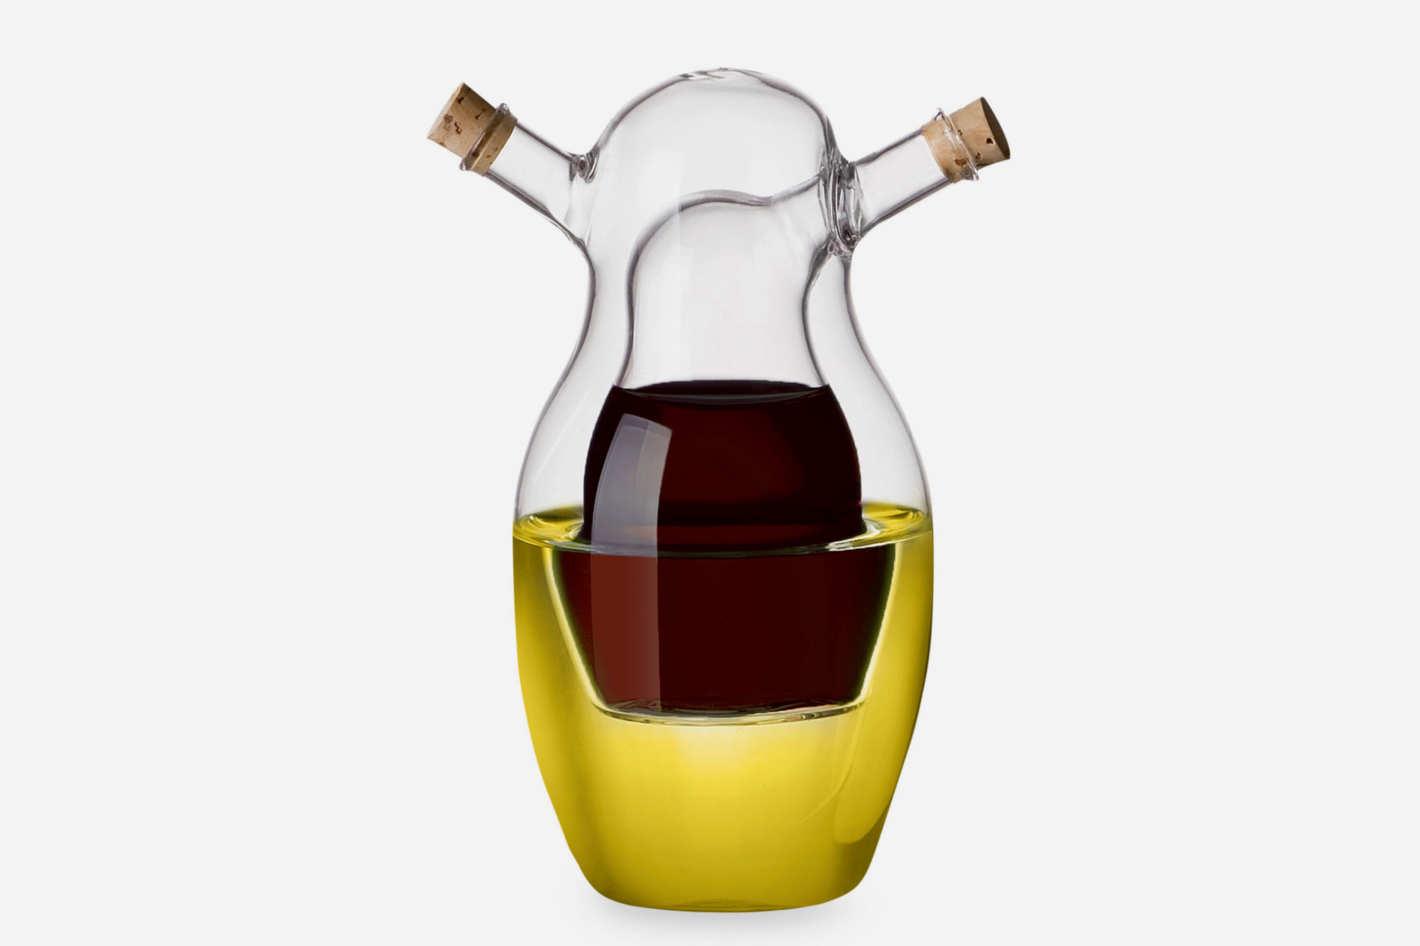 Oil & Vinegar Babuska Cruet